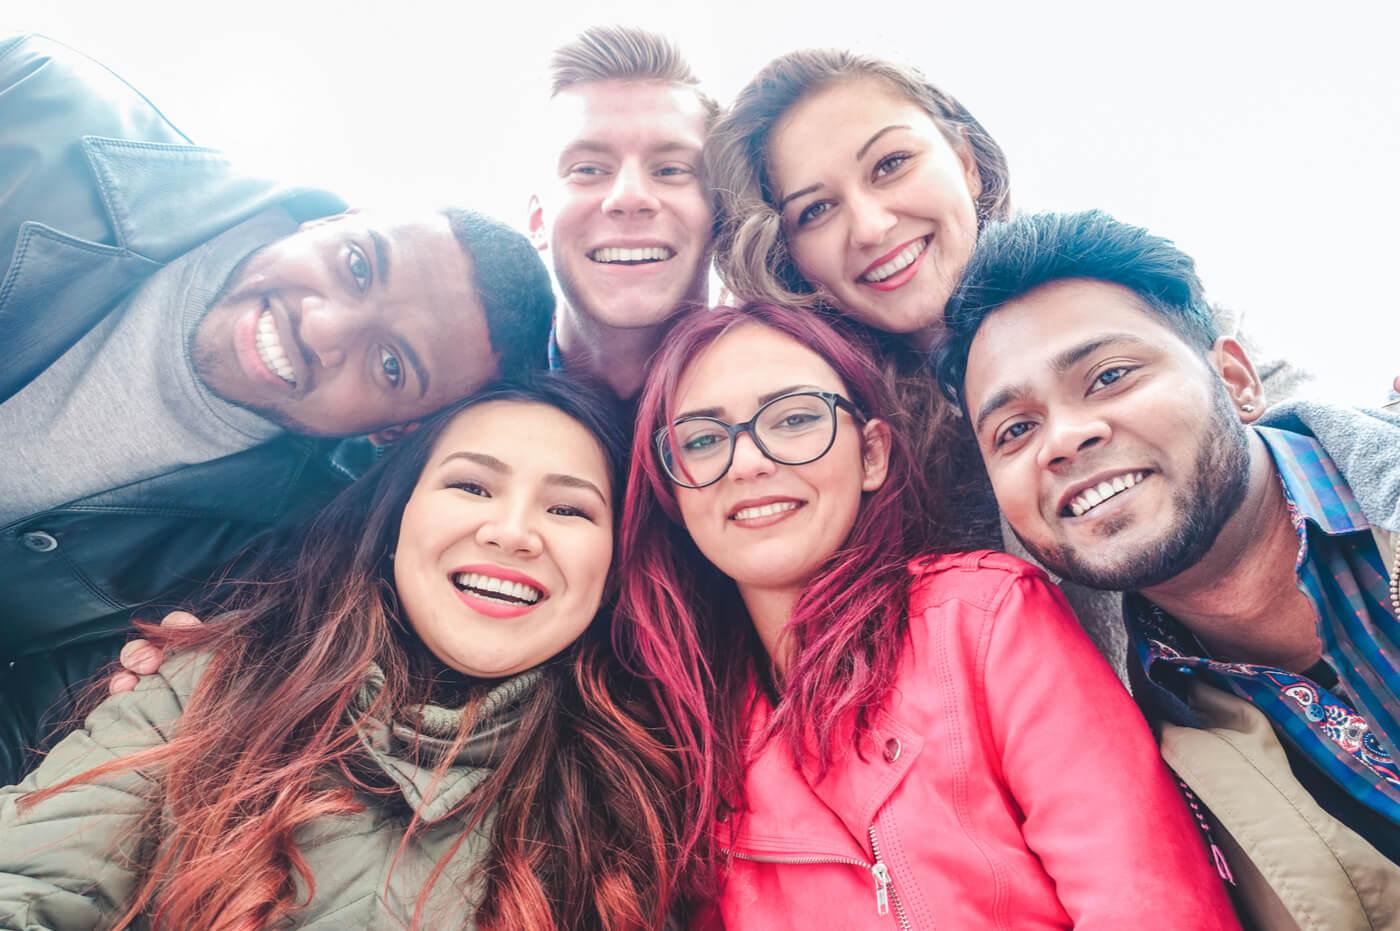 Kollektiv narcissisme – grupper, der elsker sig selv